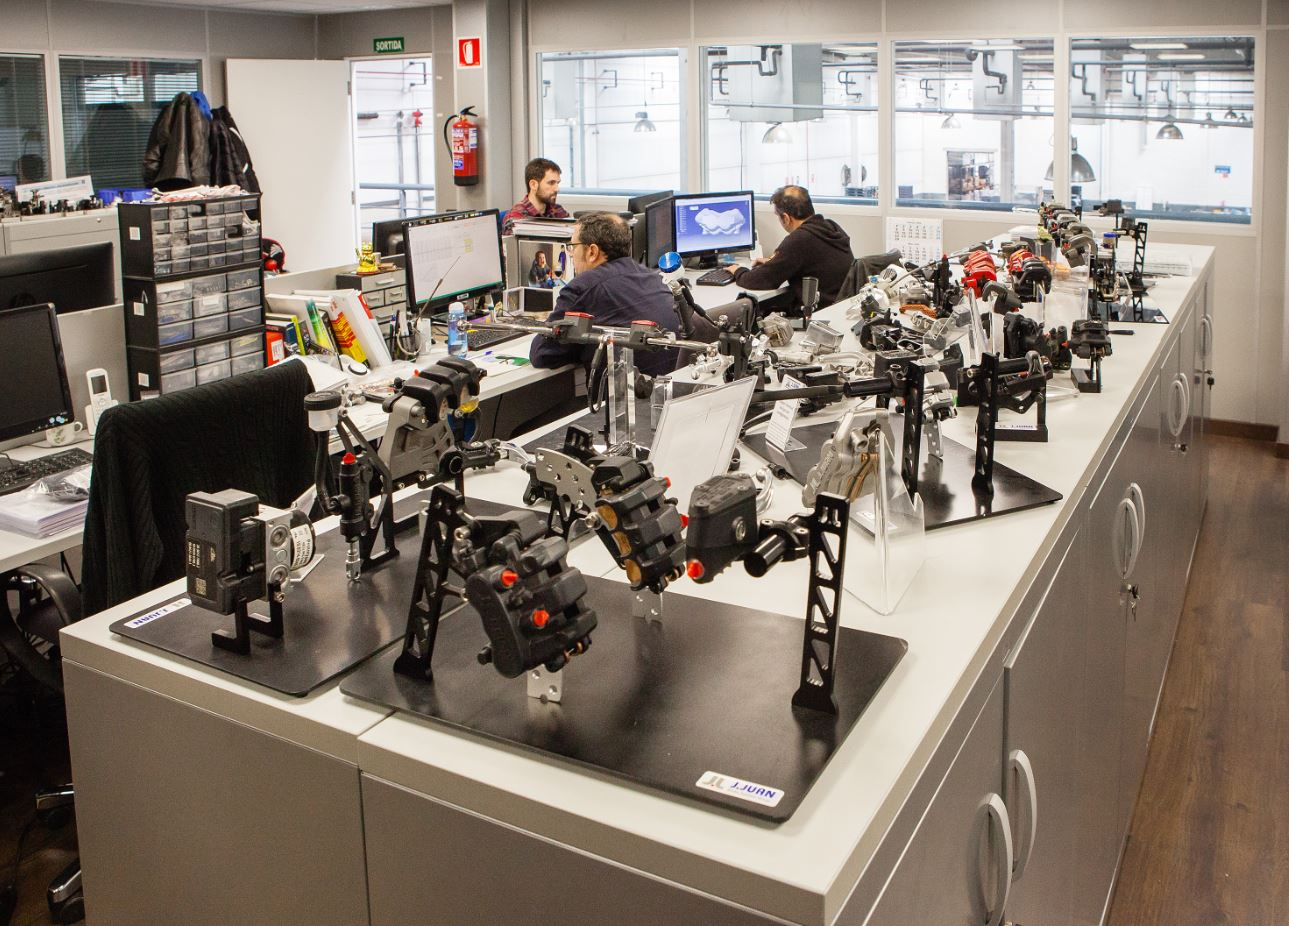 La Ingeniería de J.Juan se divide en dos áreas: la de sistema de freno y la de tubo y cable